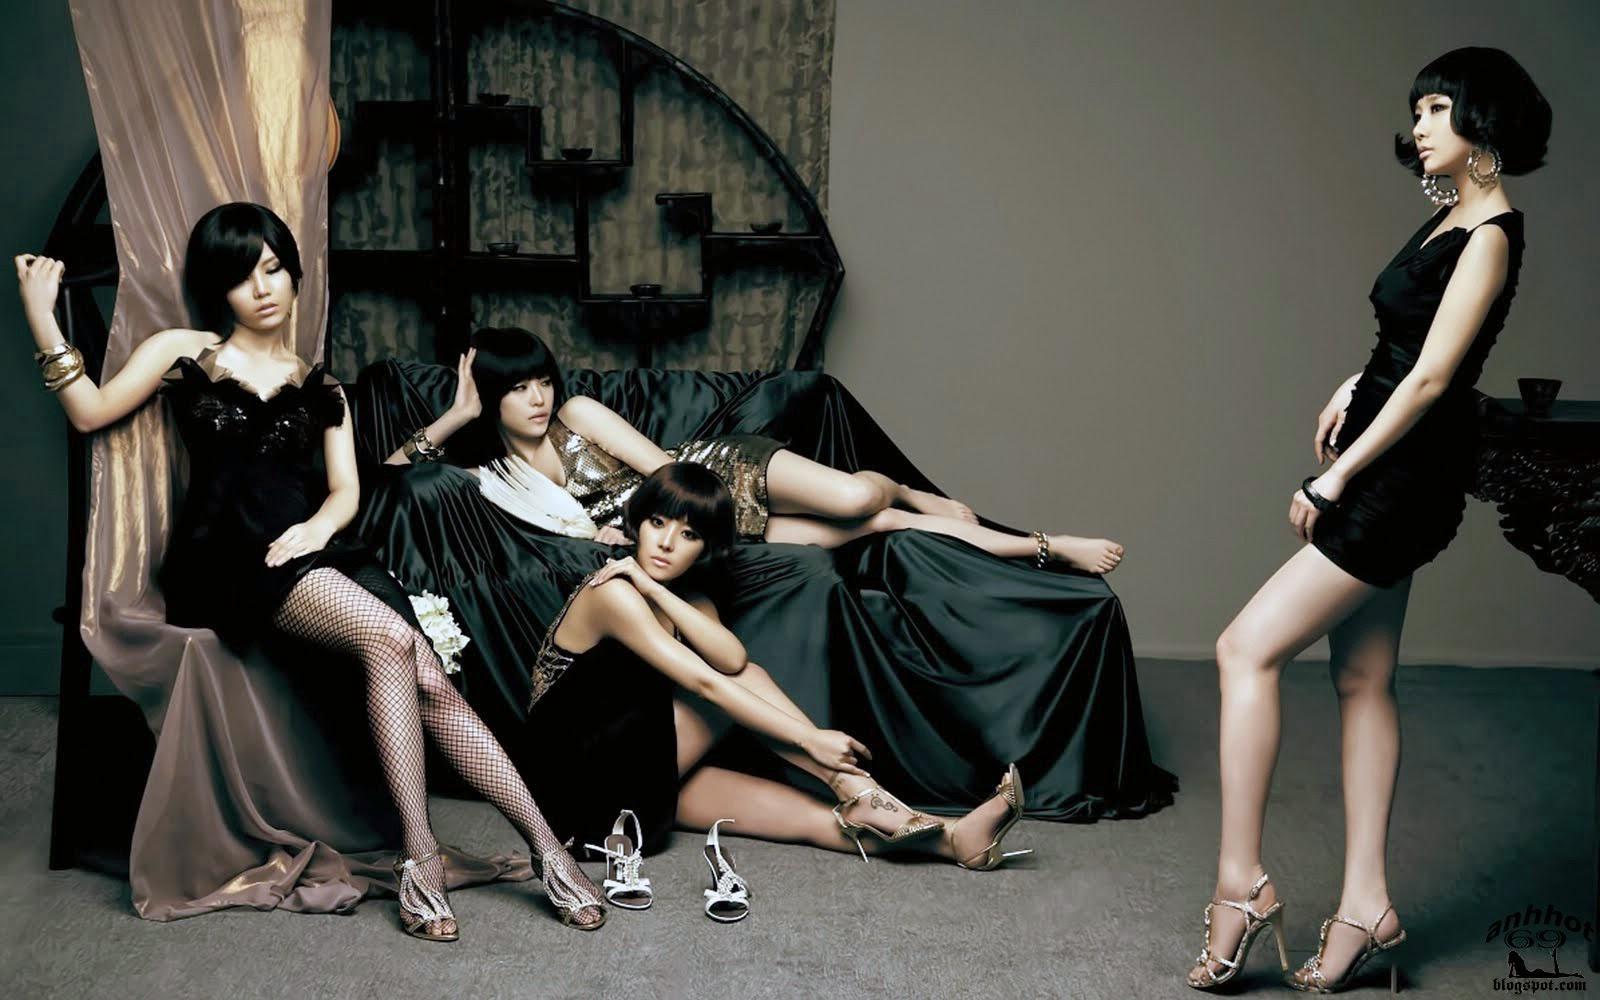 Kpop-Start-Hot_GxxJS